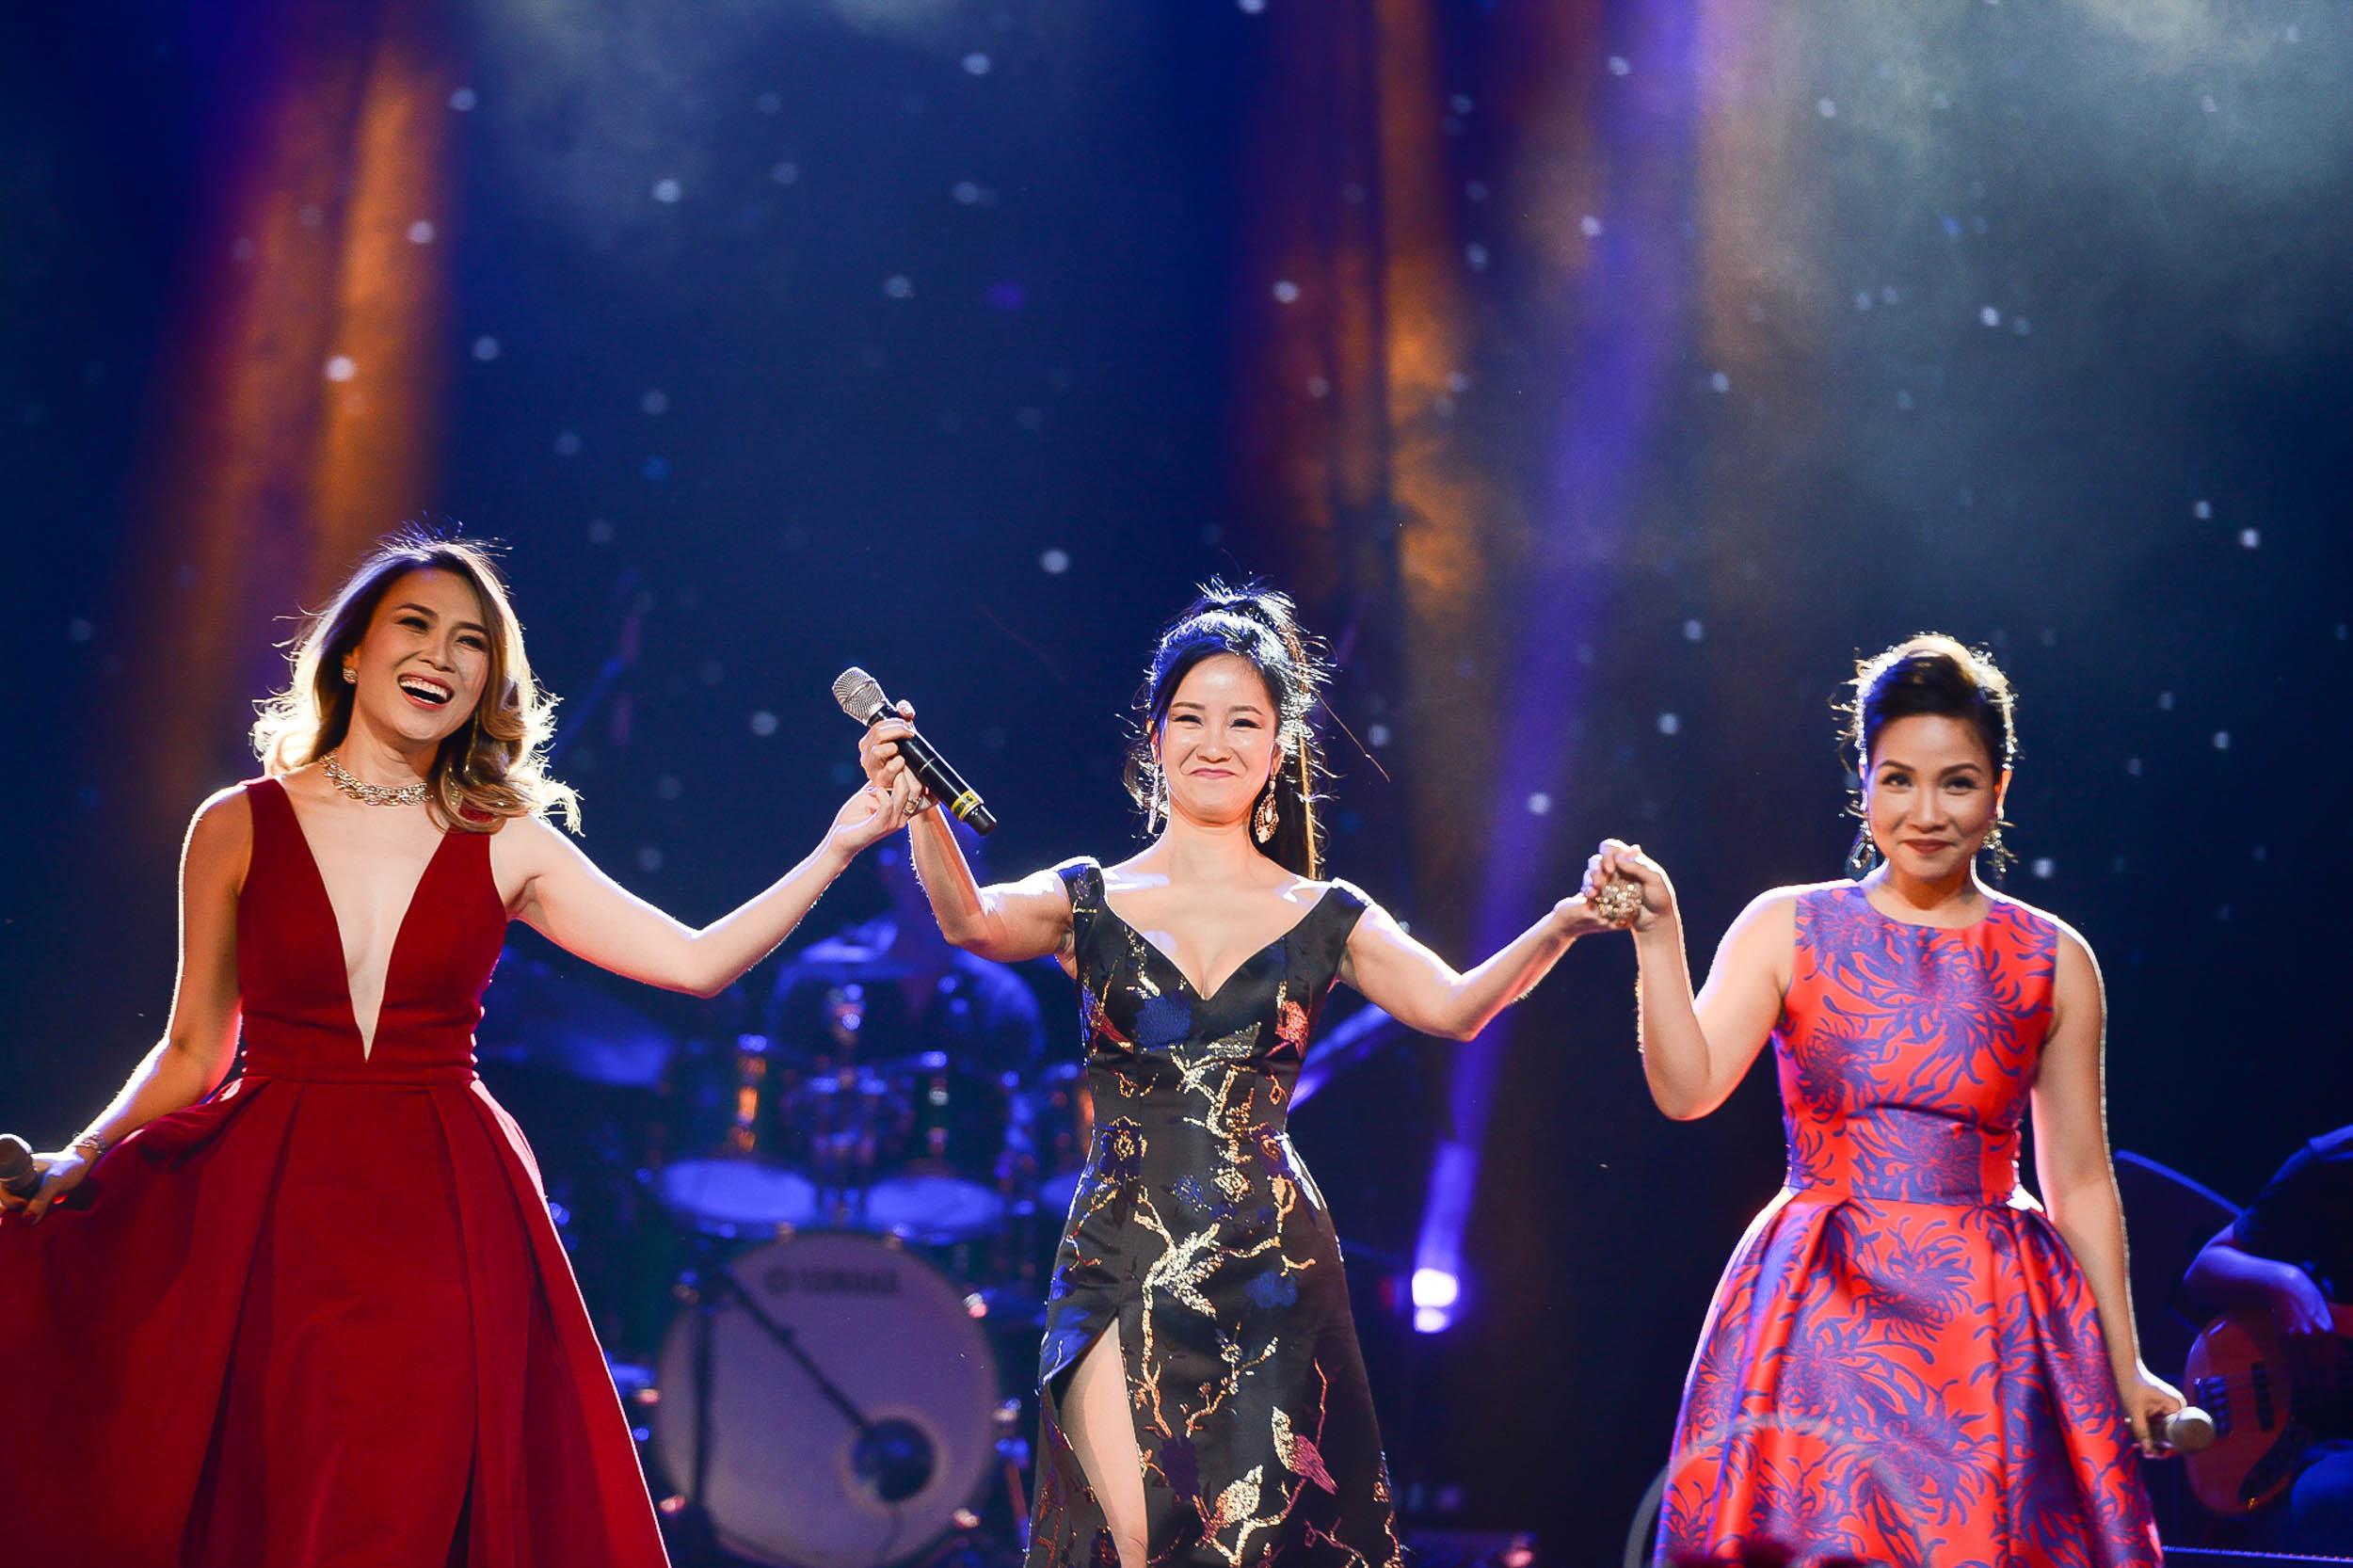 Không cần danh hiệu, Mỹ Tâm vẫn ung dung tỏa sáng cùng 4 Diva trên sân khấu chung - Ảnh 7.